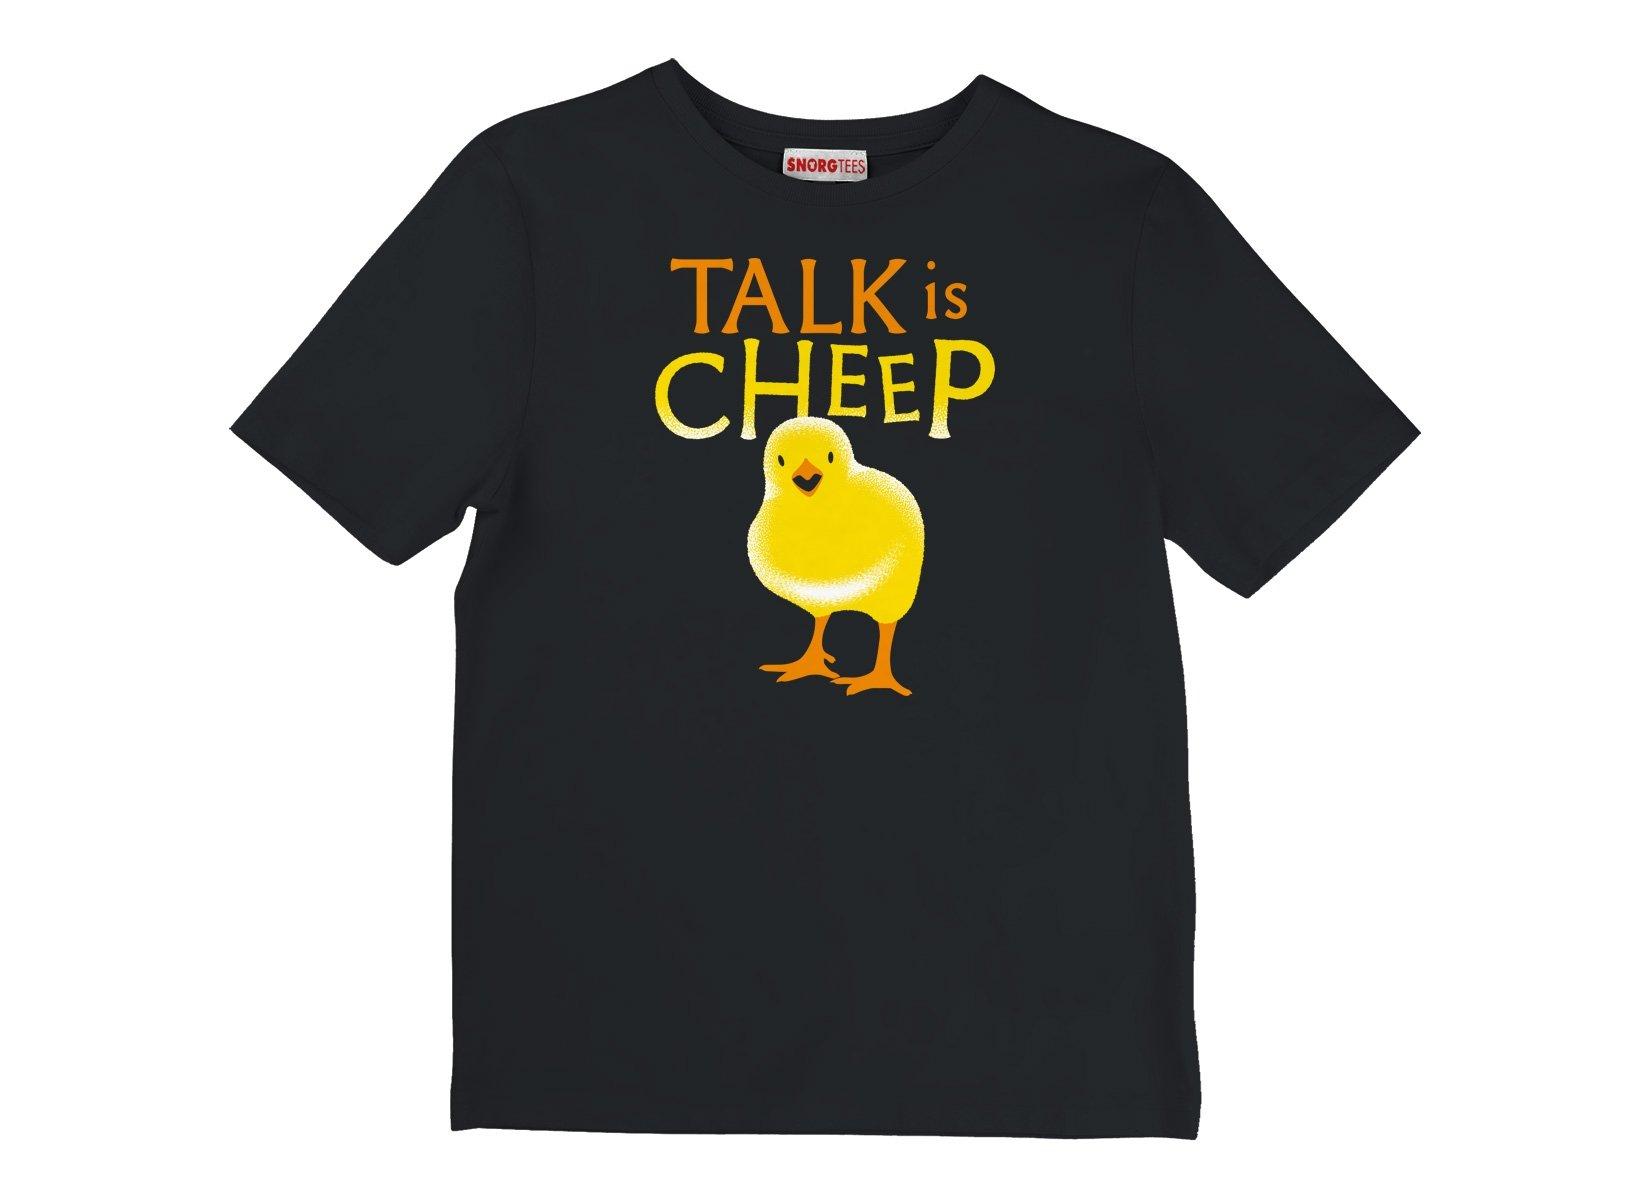 Talk Is Cheep on Kids T-Shirt